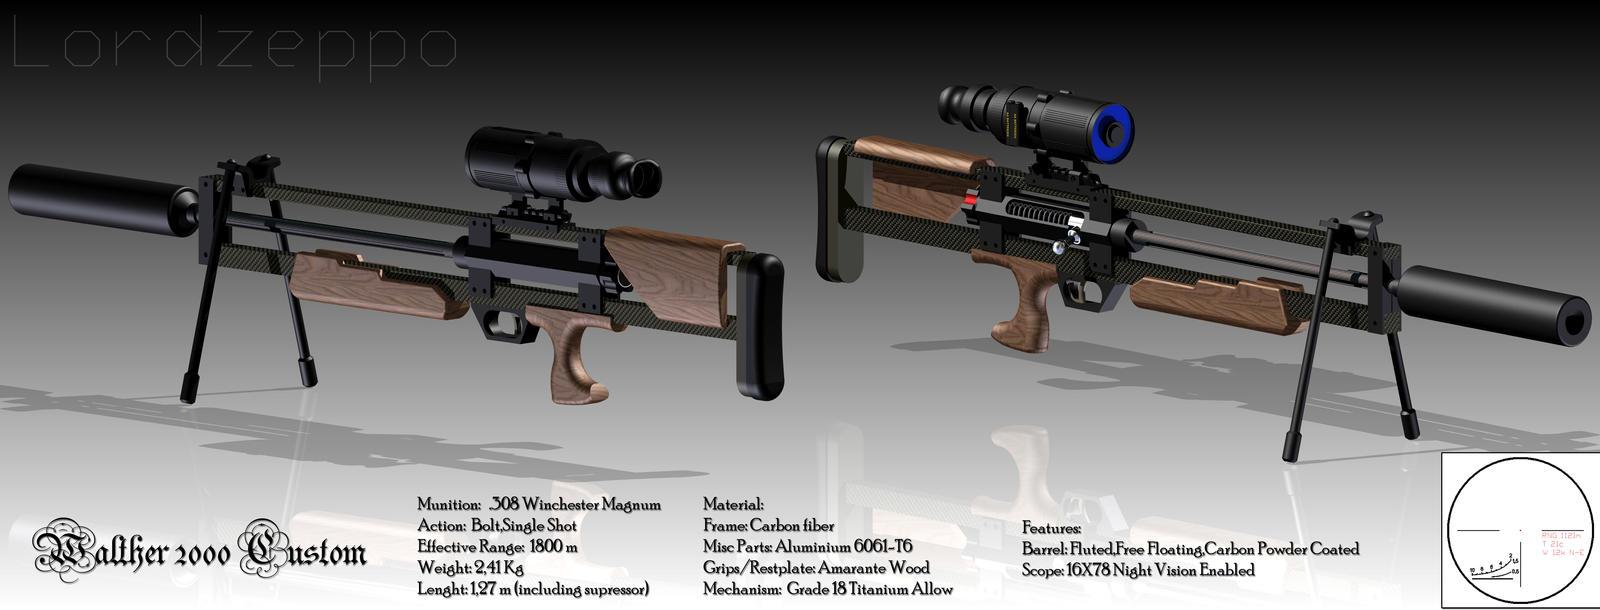 Walther 2000 Custom WA2000 by lordzeppo